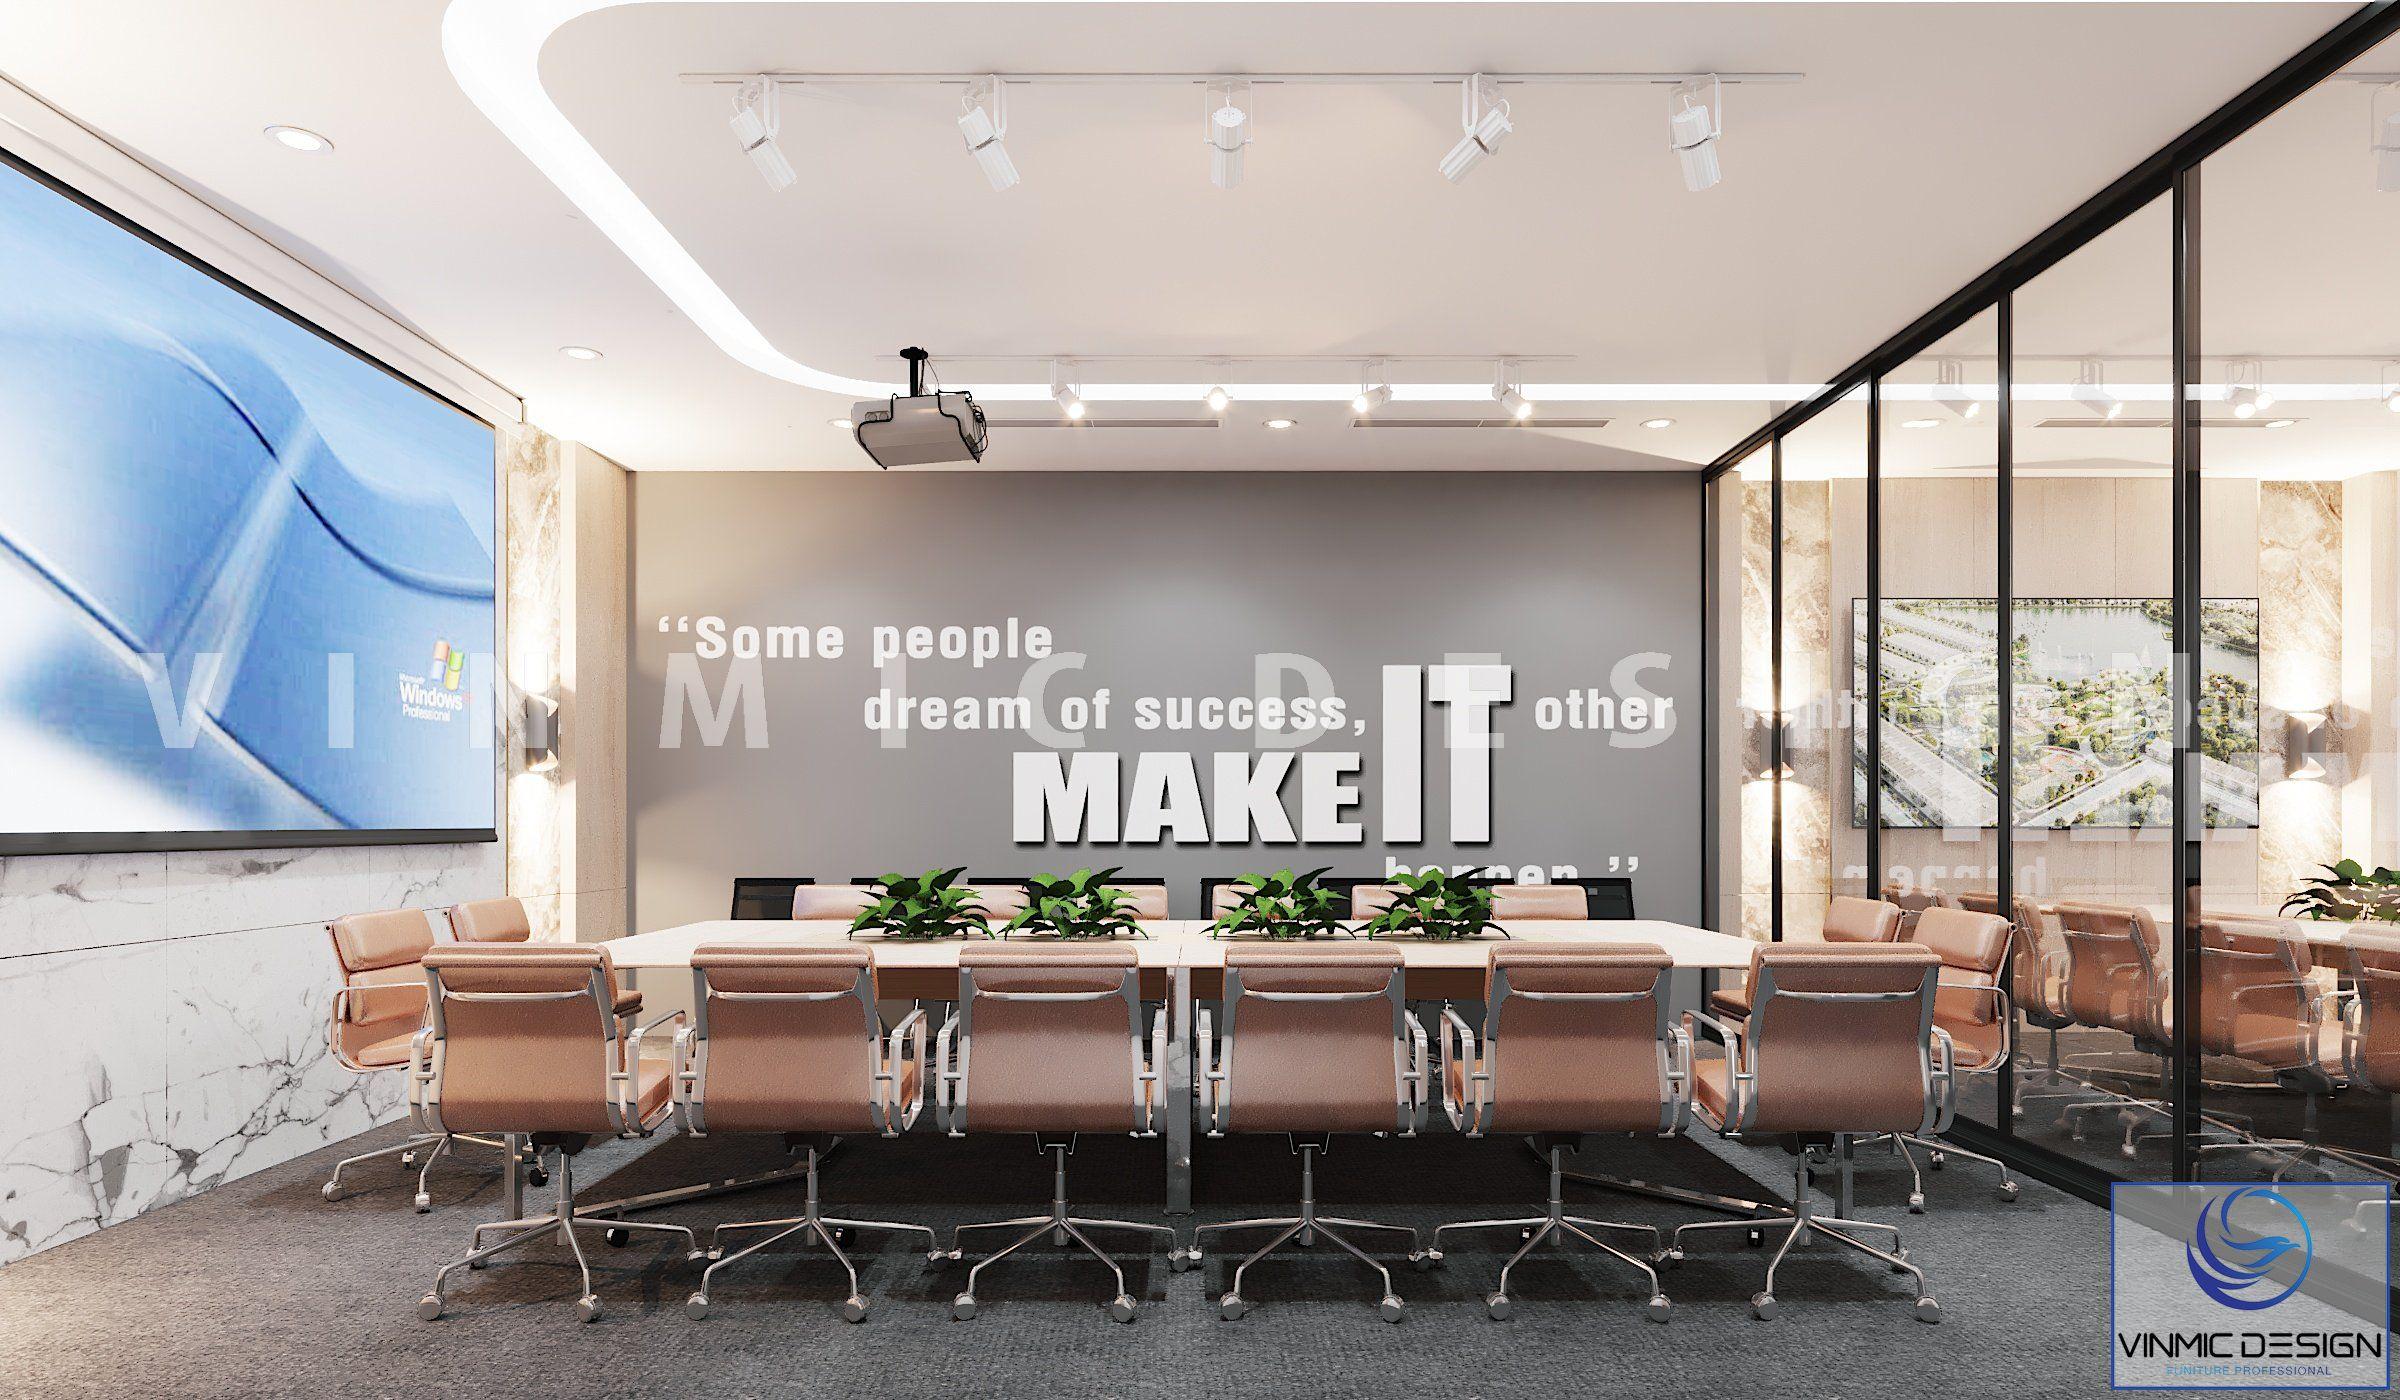 Thiết kế nội thất phòng họp vươn tầm quốc tế của văn phòng Đấy Xanh